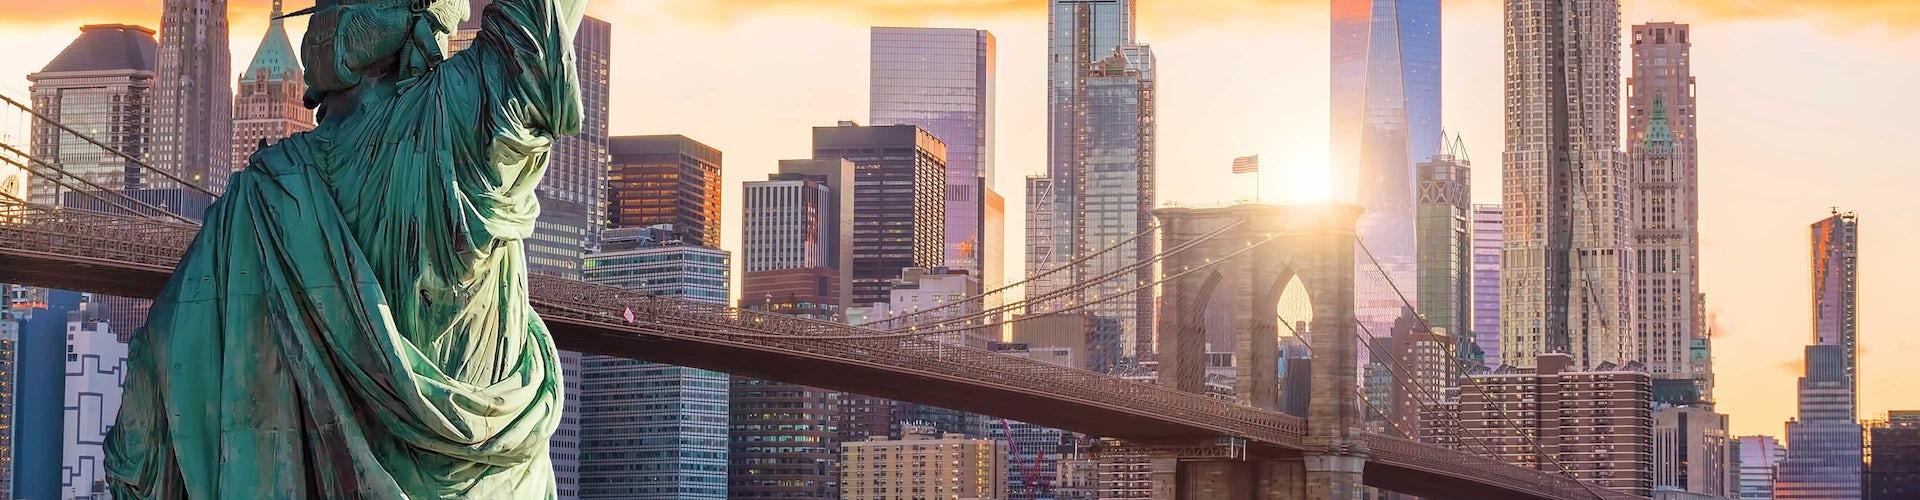 estatua de la libertad nueva york